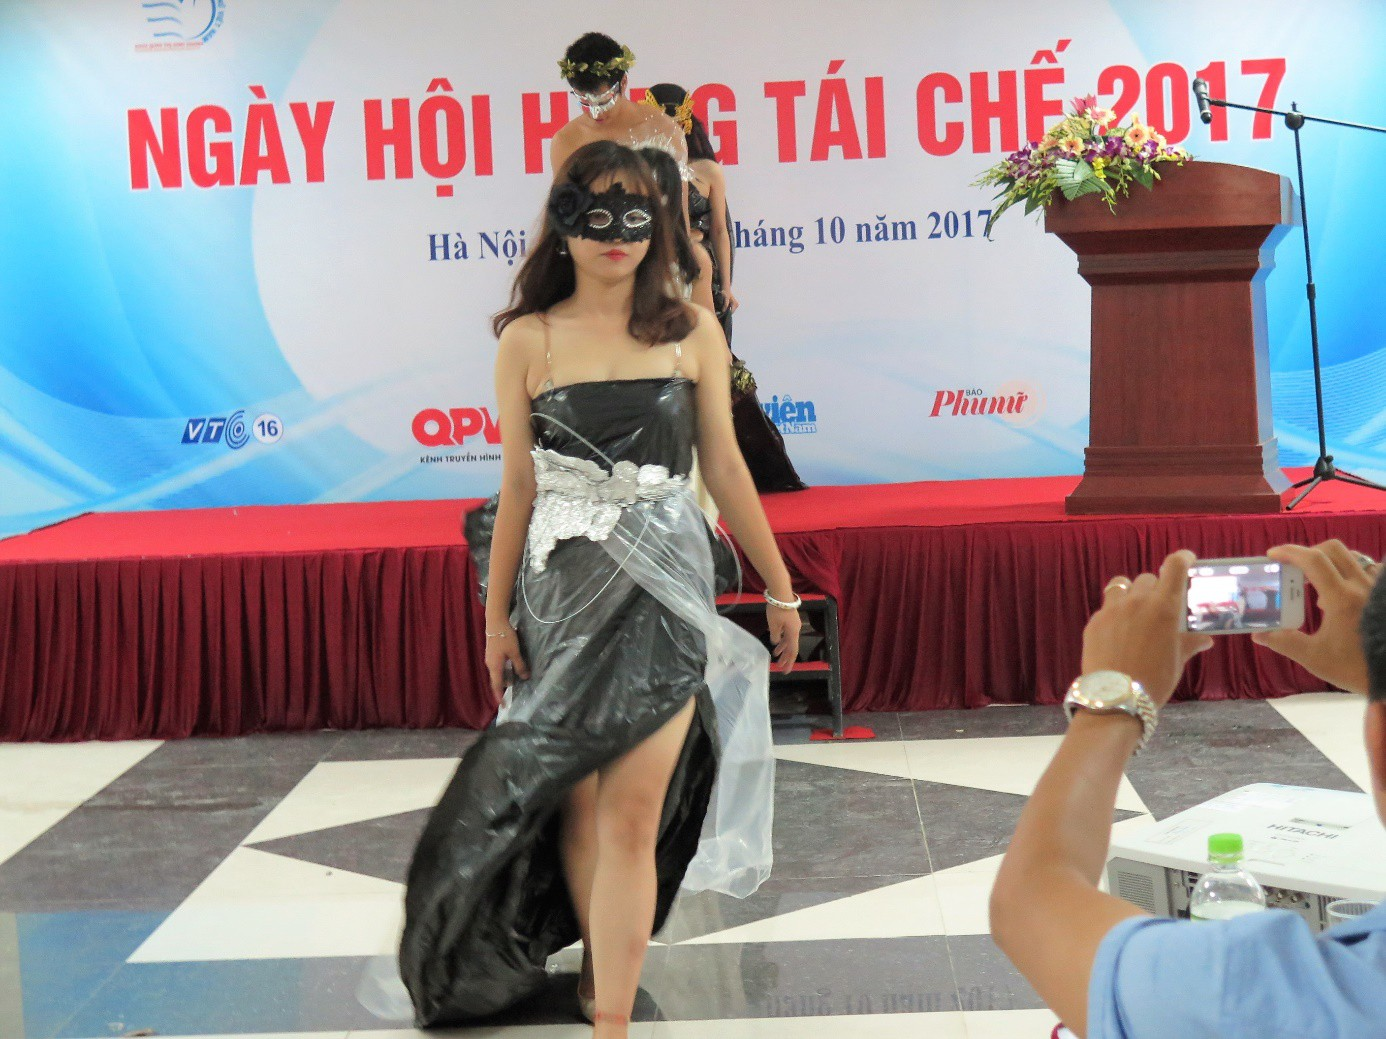 Học viện Phụ nữ Việt Nam tuyển sinh 6 ngành đào tạo Đại học năm 2019 - Ảnh 1.